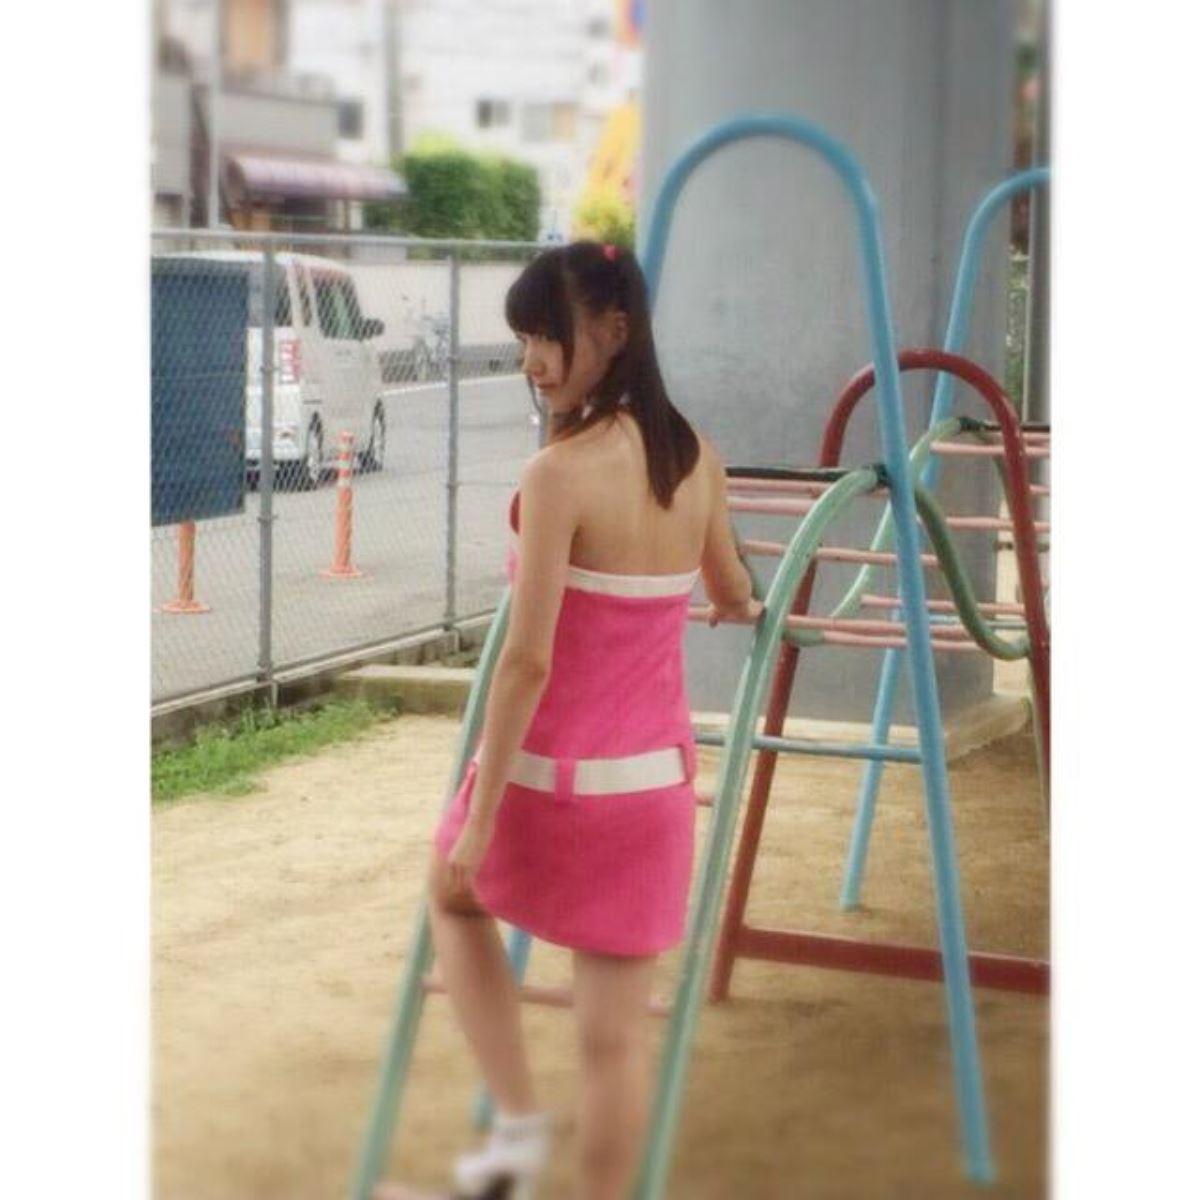 太田夢莉 1万年に1人 可愛い アイドル 水着 画像 46